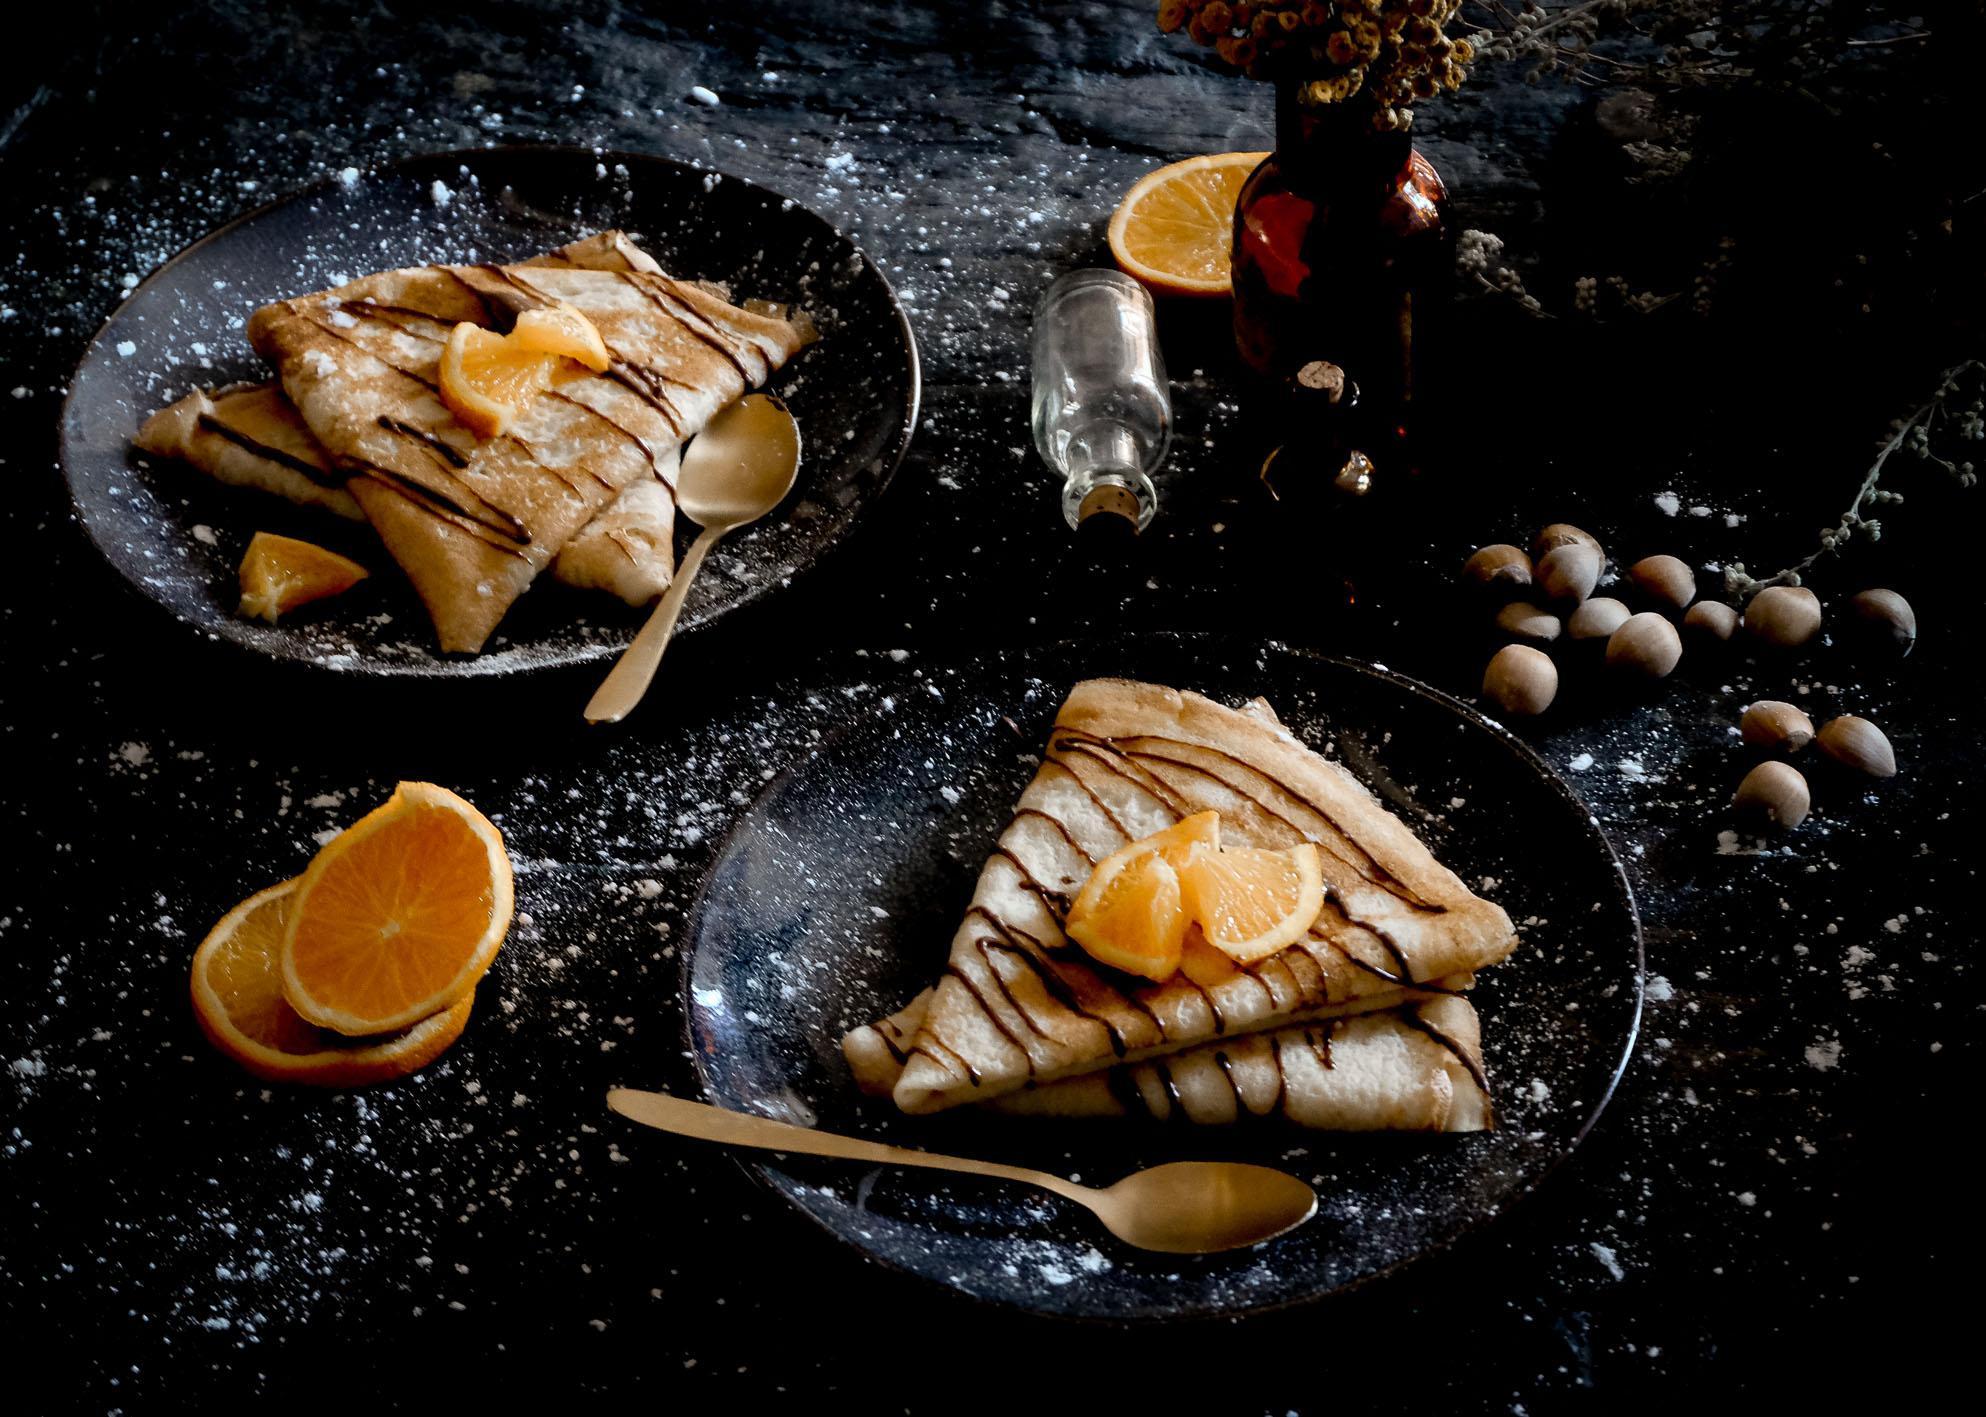 Carnet Sauvage - blog food Lille - crêpes à la bière5.jpg